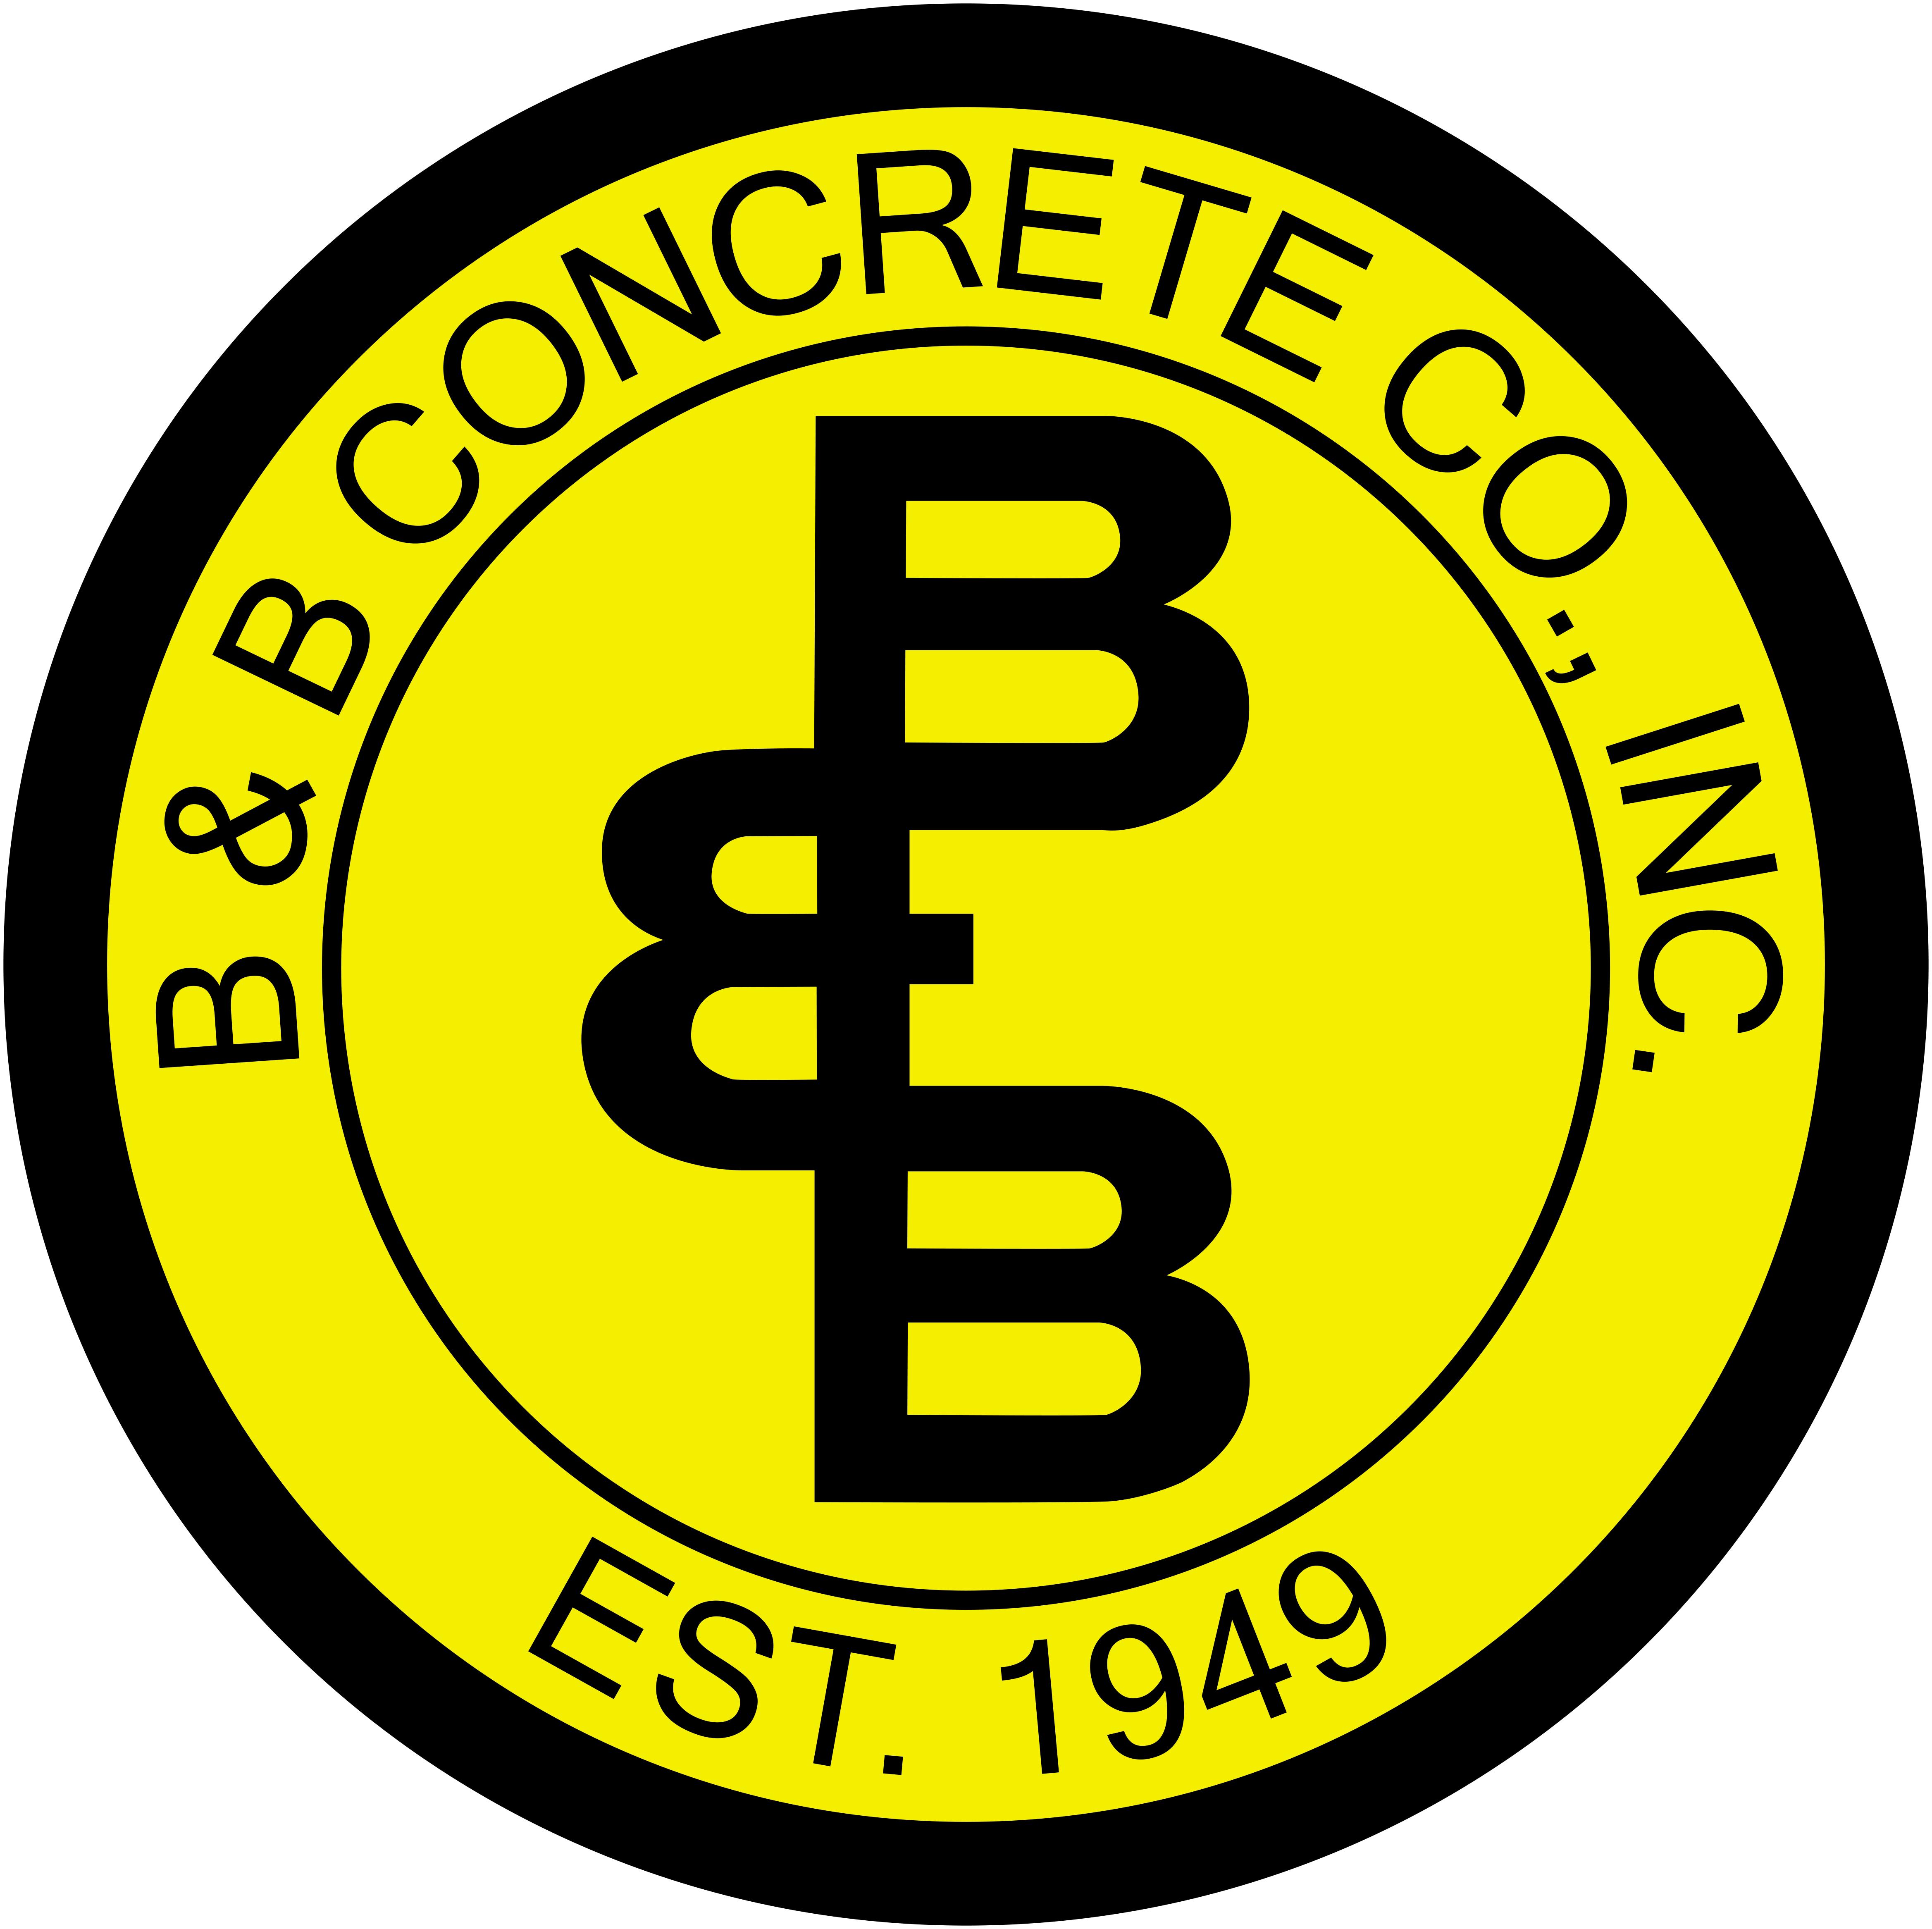 B & B Concrete Co., Inc. logo